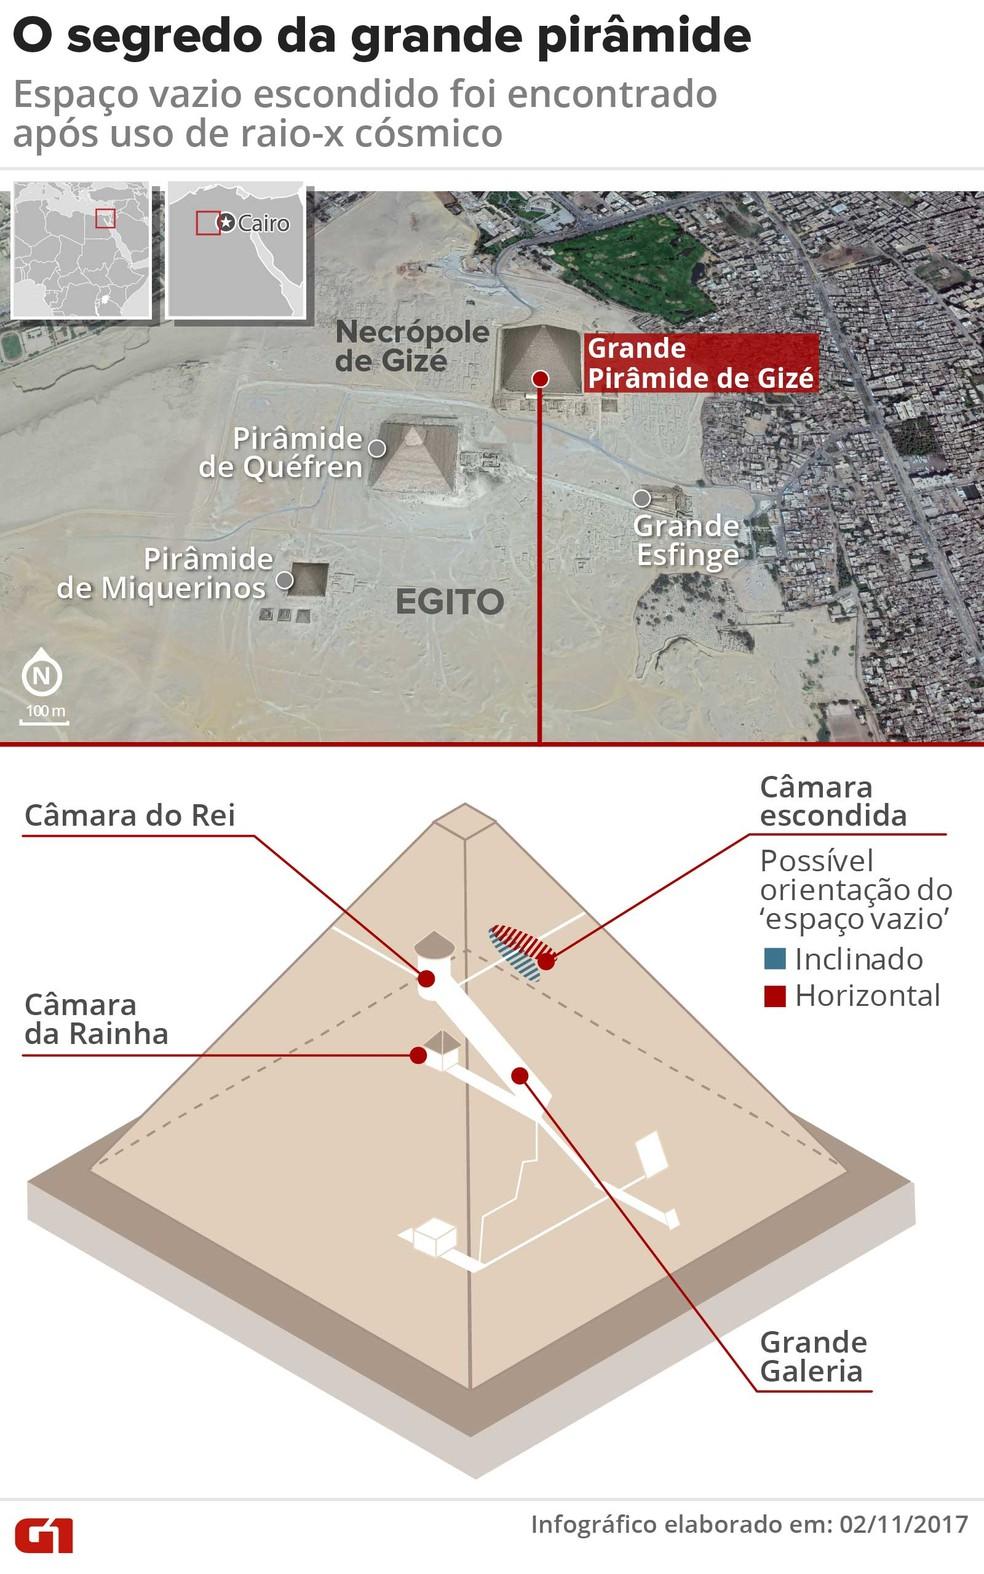 Grande pirâmide de Gizé: espaço vazio escondido foi encontrado após uso de raio-x cósmico (Foto: Betta Jaworski e Igor Estrella/G1)